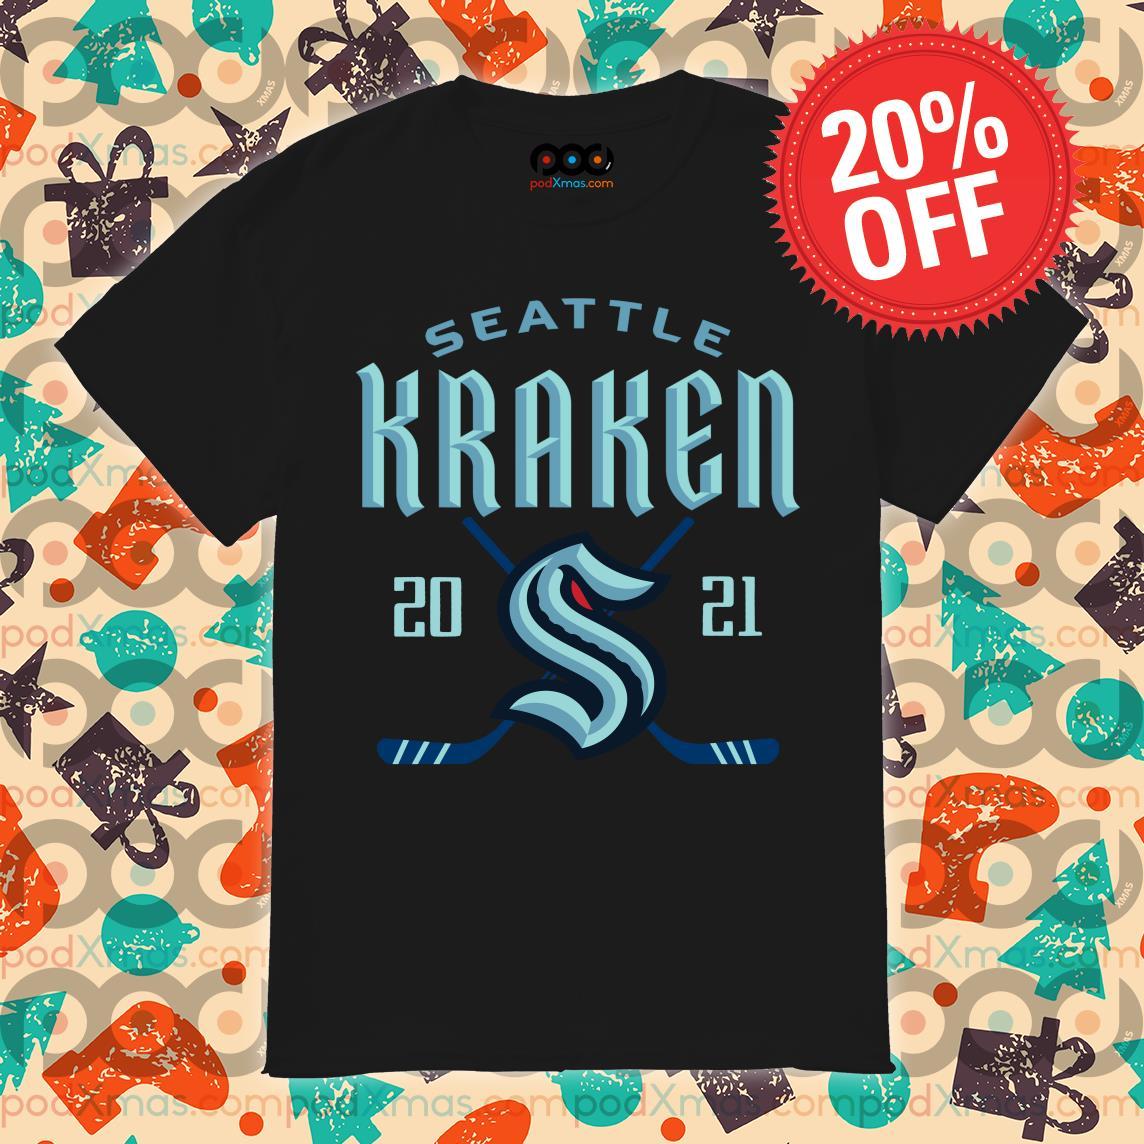 Seattle Kraken 2020 shirt